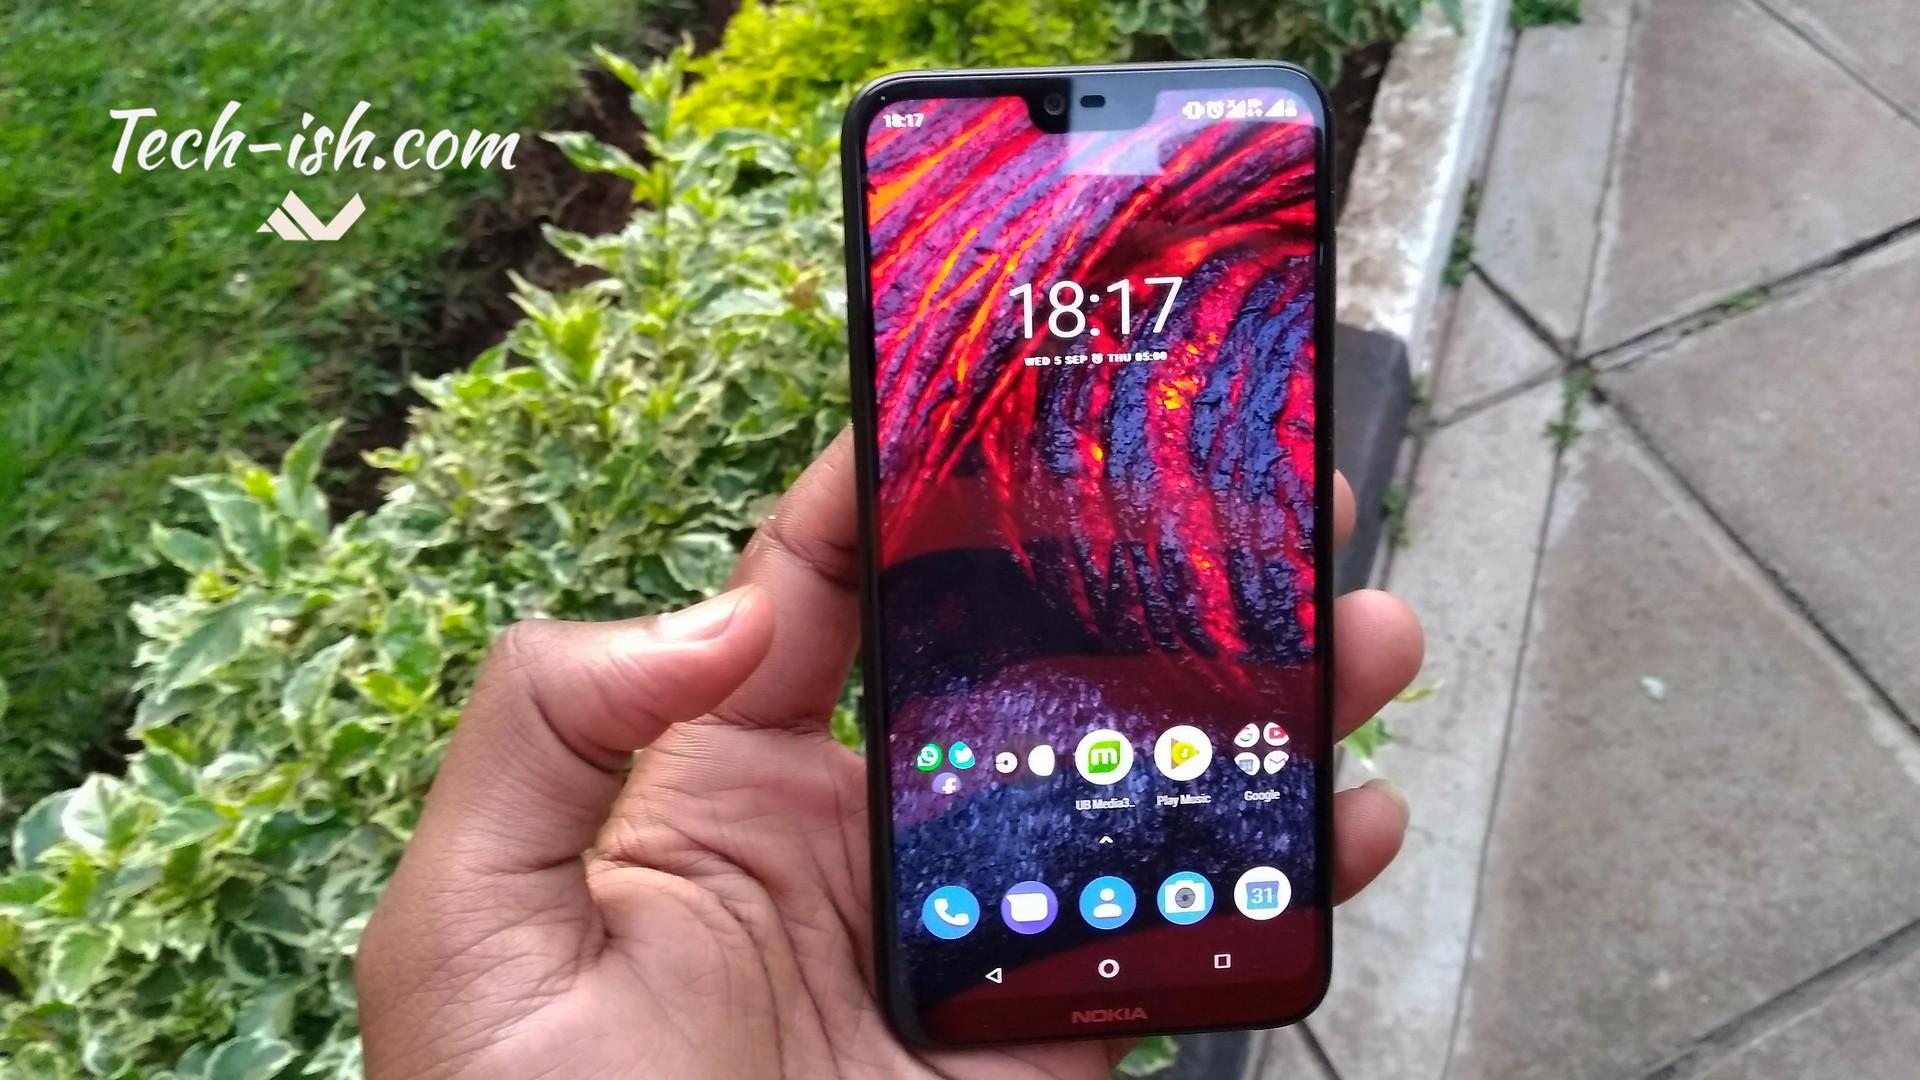 Nokia 6.1 Plus (Nokia X6) now in Kenya starting at Ksh. 32,000